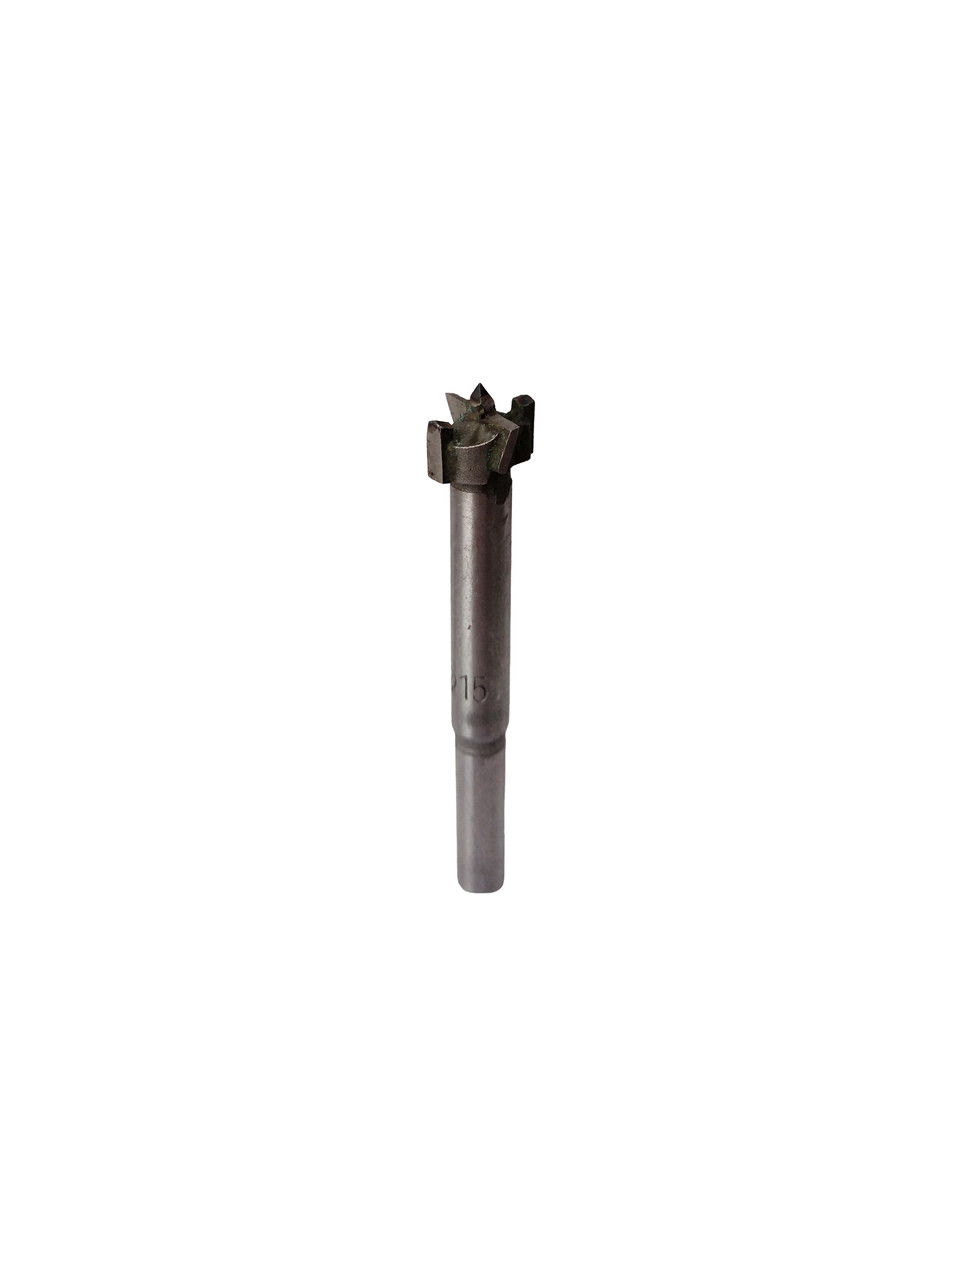 D26 Фреза для дверних і меблевих петель (Свердло Форстнера)